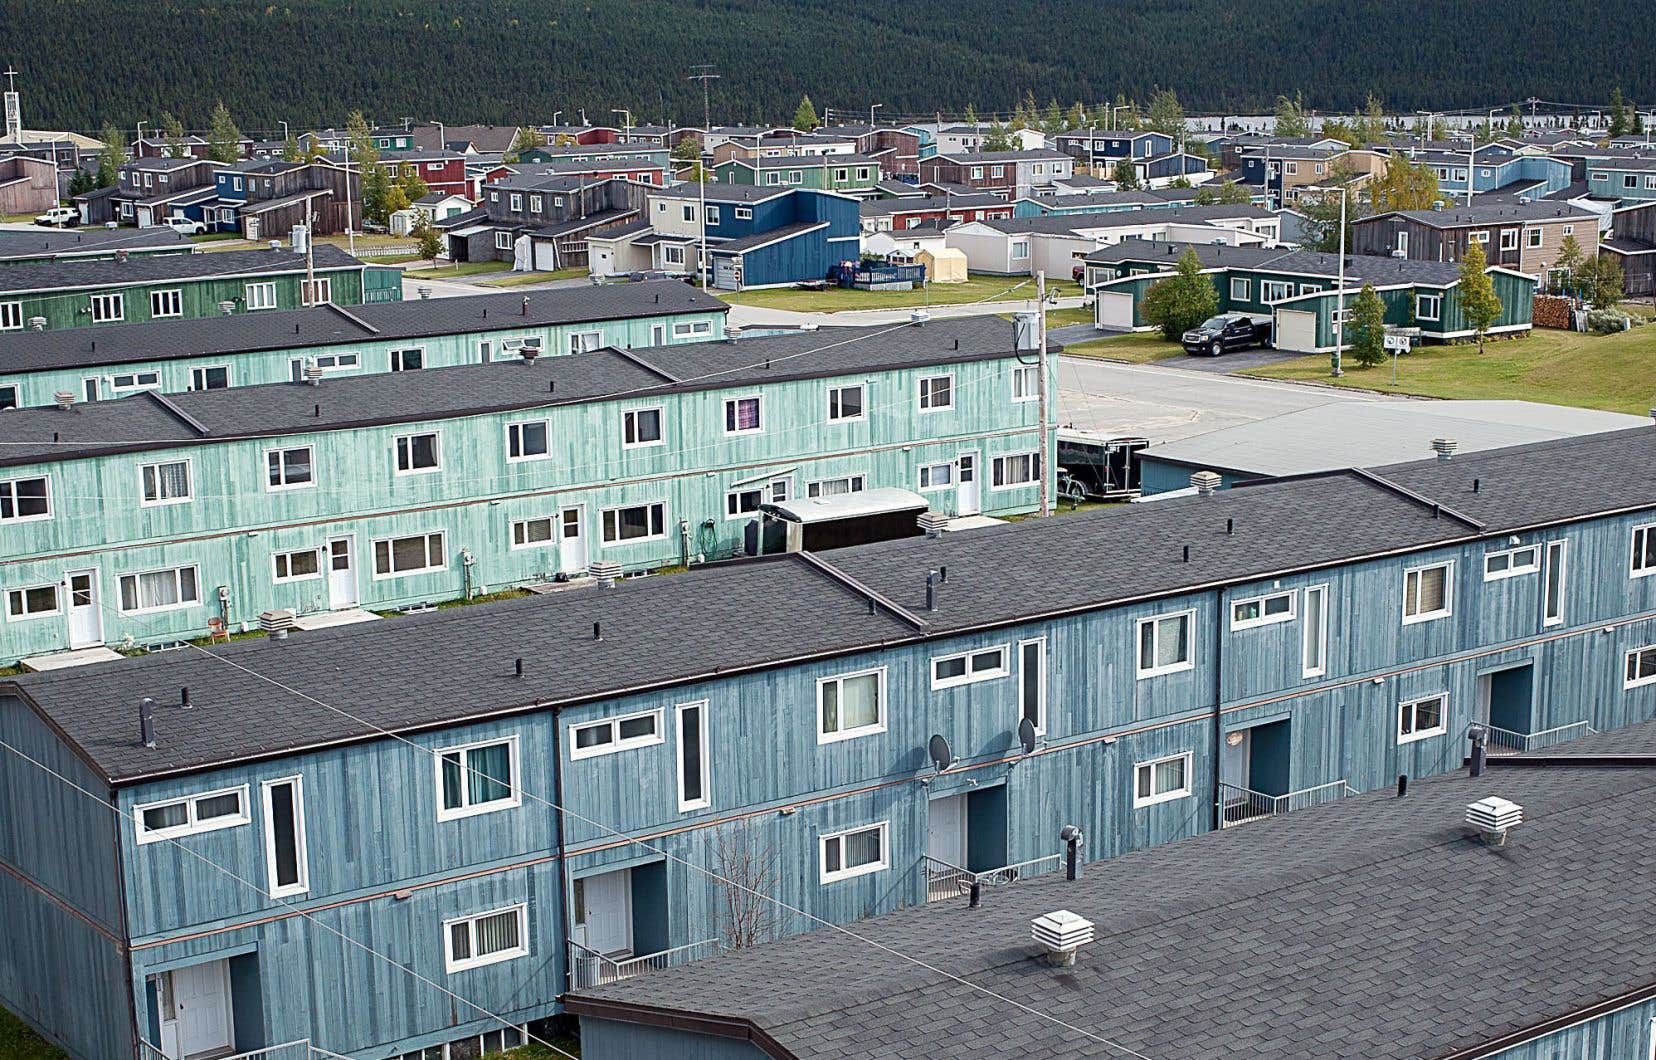 À Fermont, 95% des 2500 résidents permanents vivent dans une habitation de la minière Arcelor Mittal, avec obligation, pour la plupart, de la rendre à la compagnie quand ils partiront.